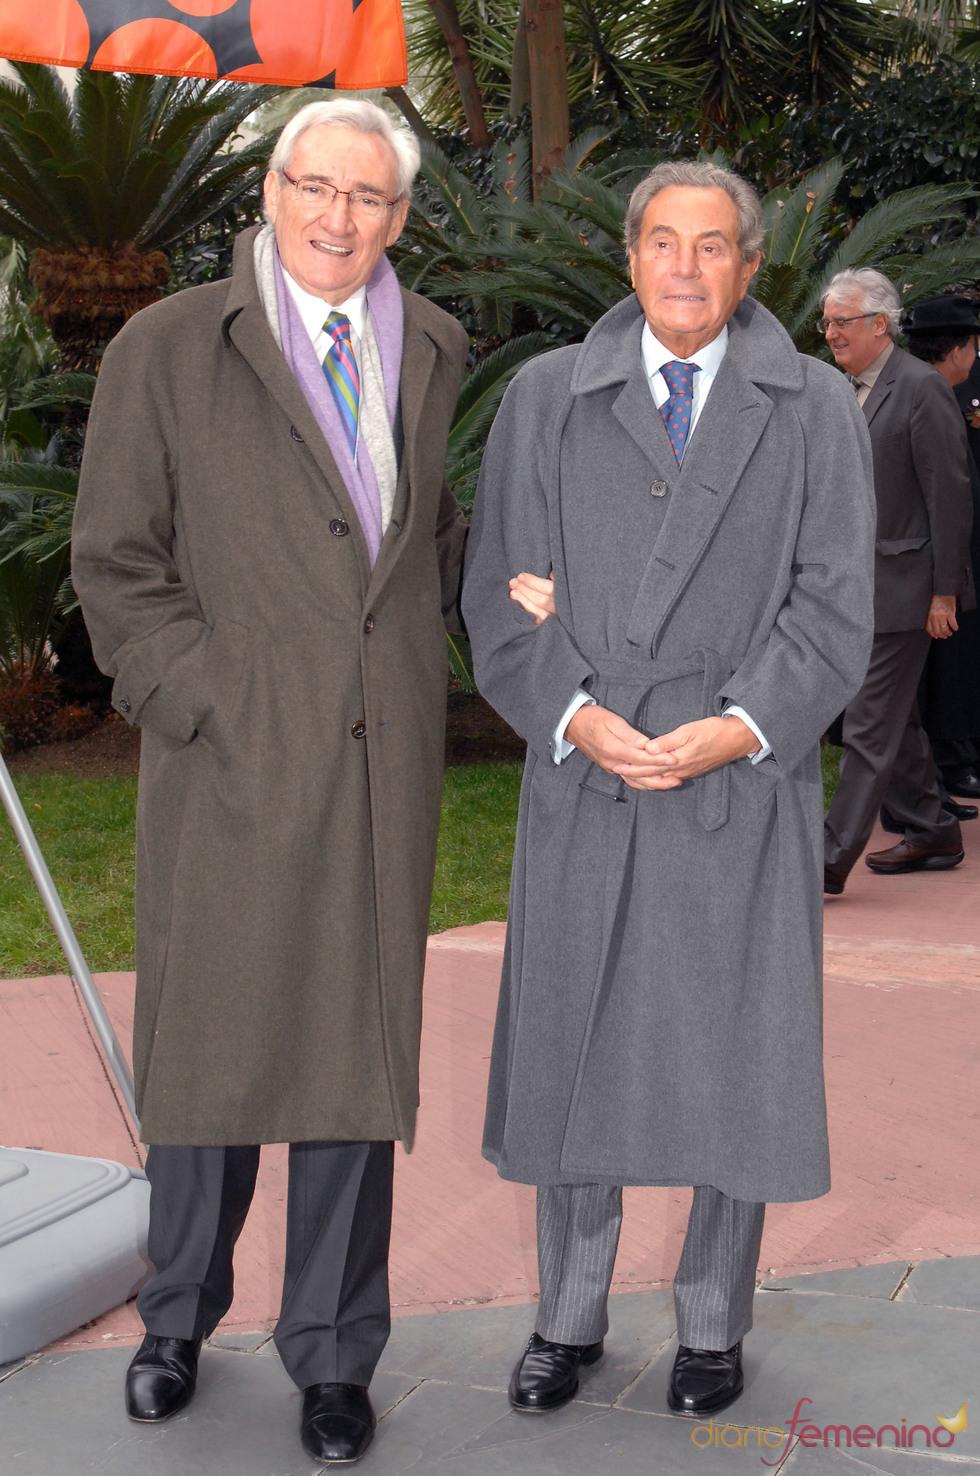 Premios Protagonistas 2010 con Luis del Olmo y Arturo Fernández